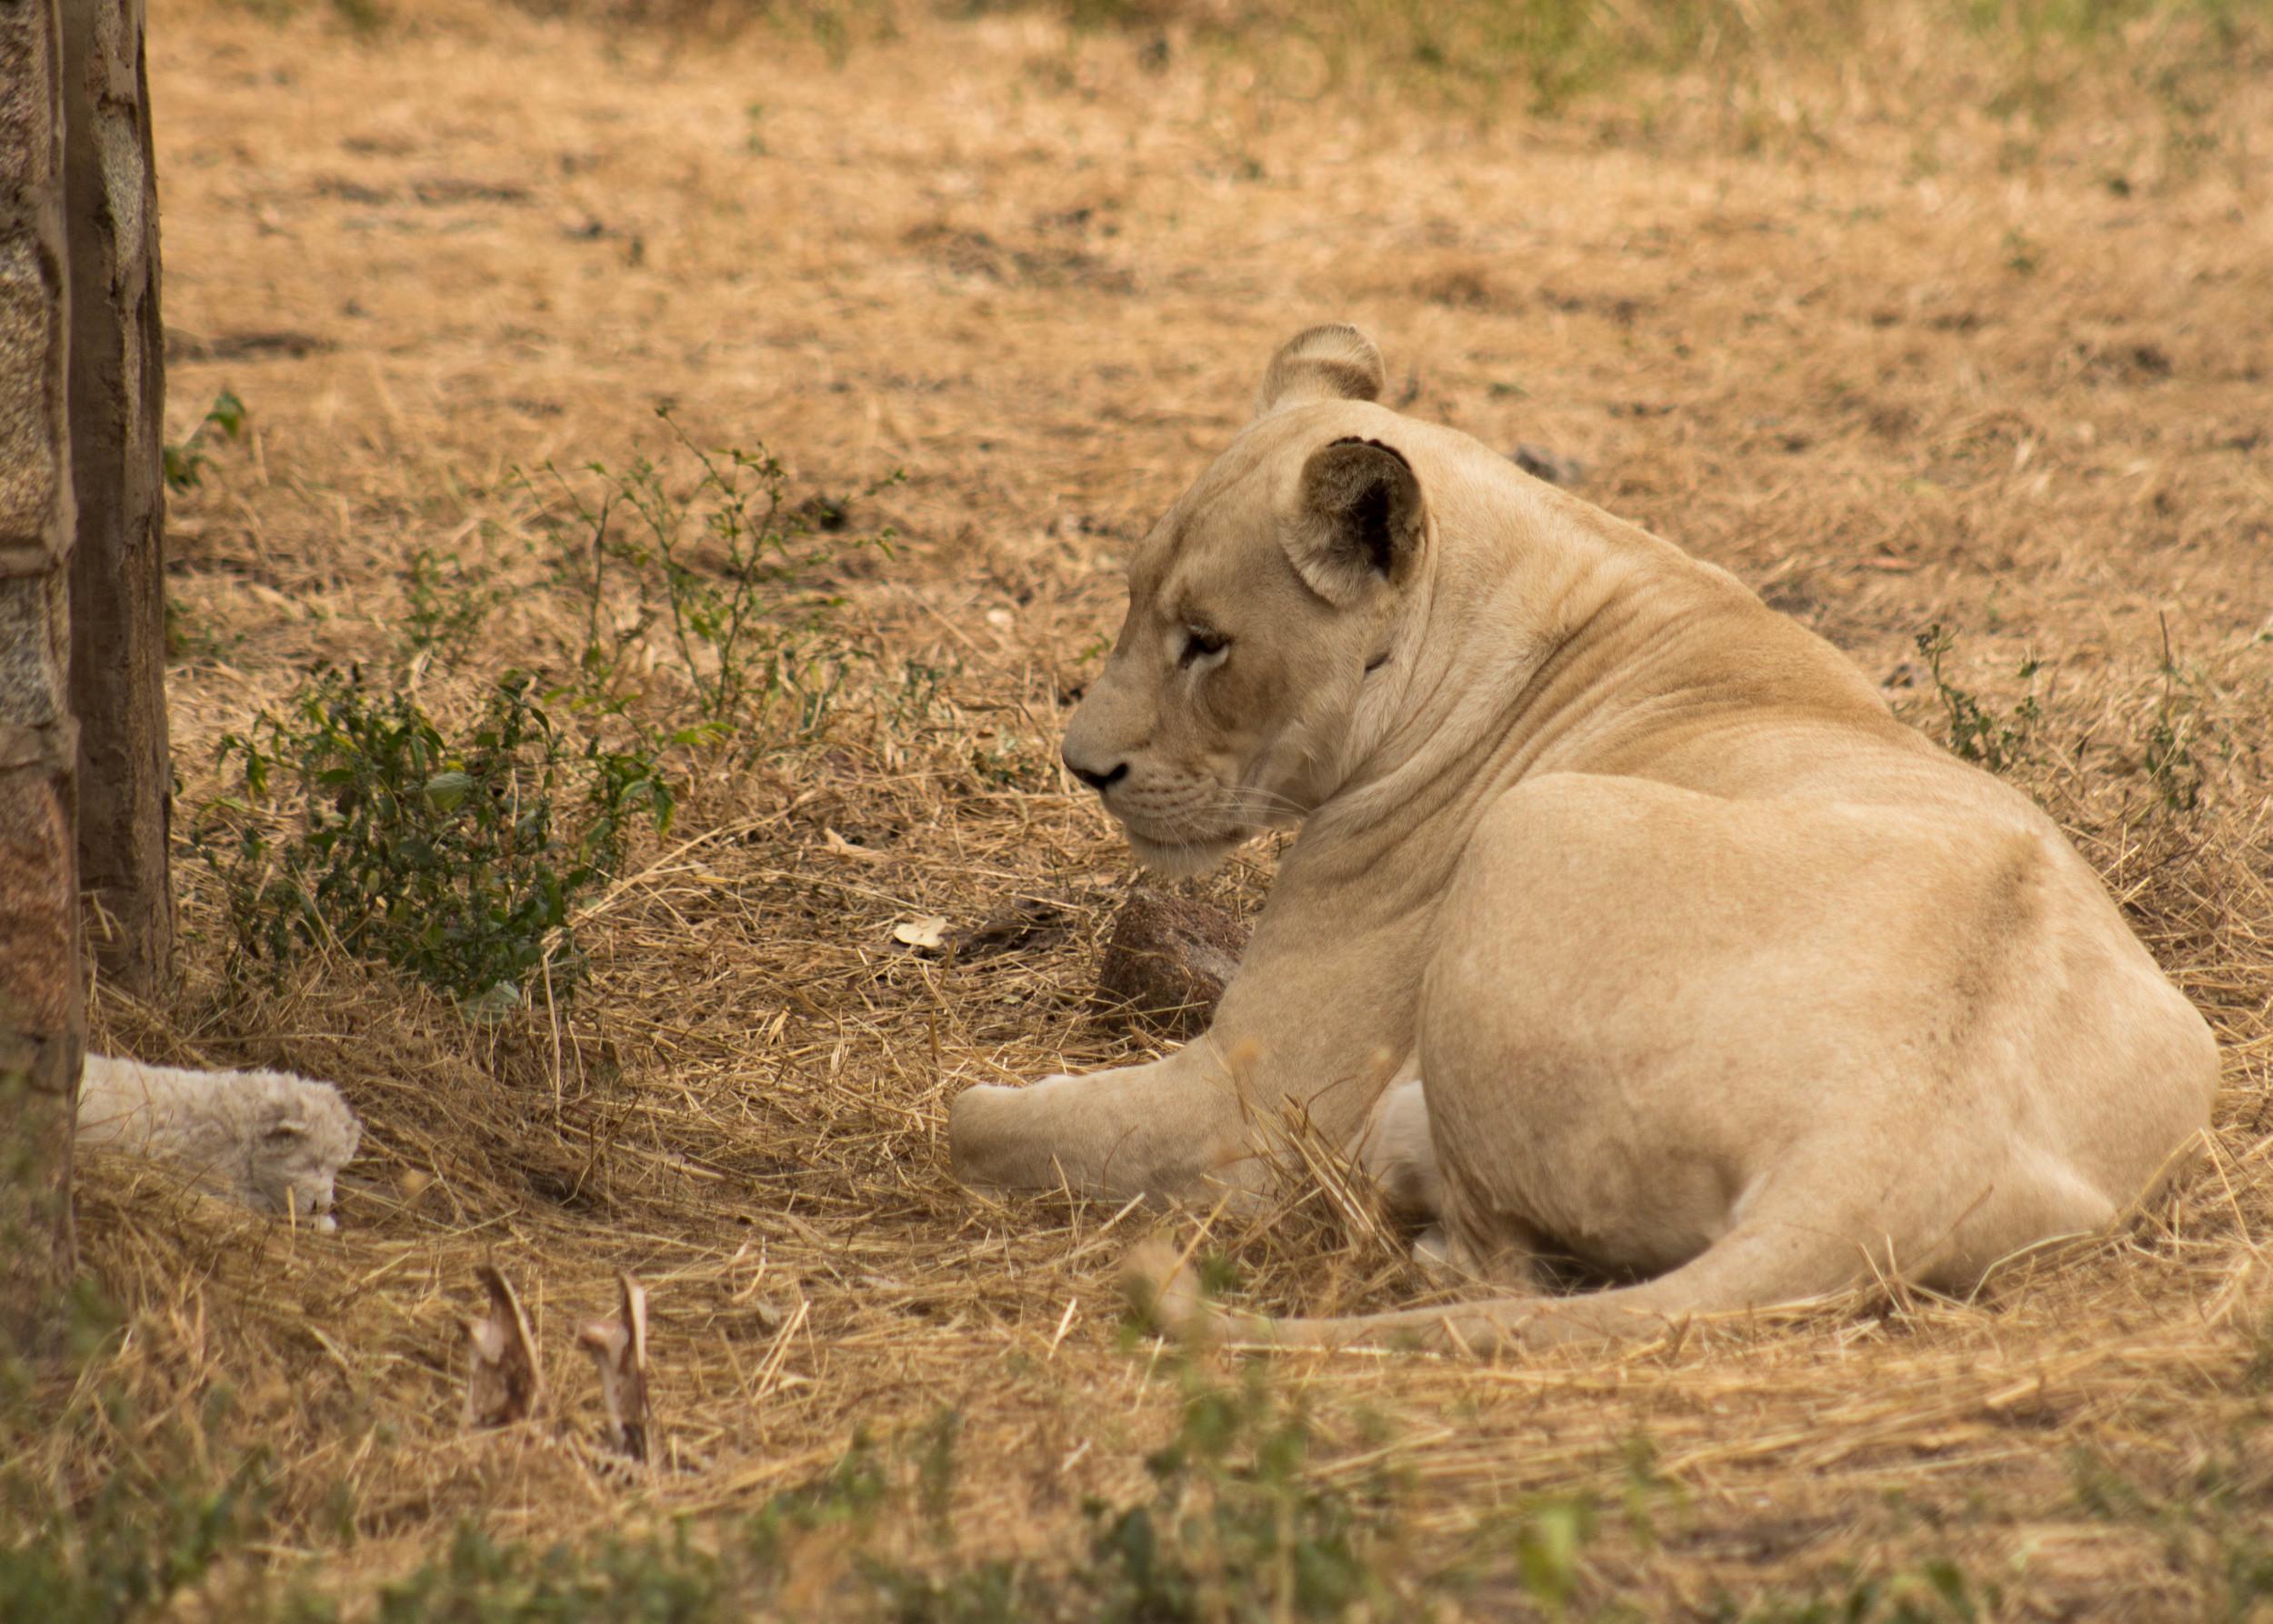 Lola and cub